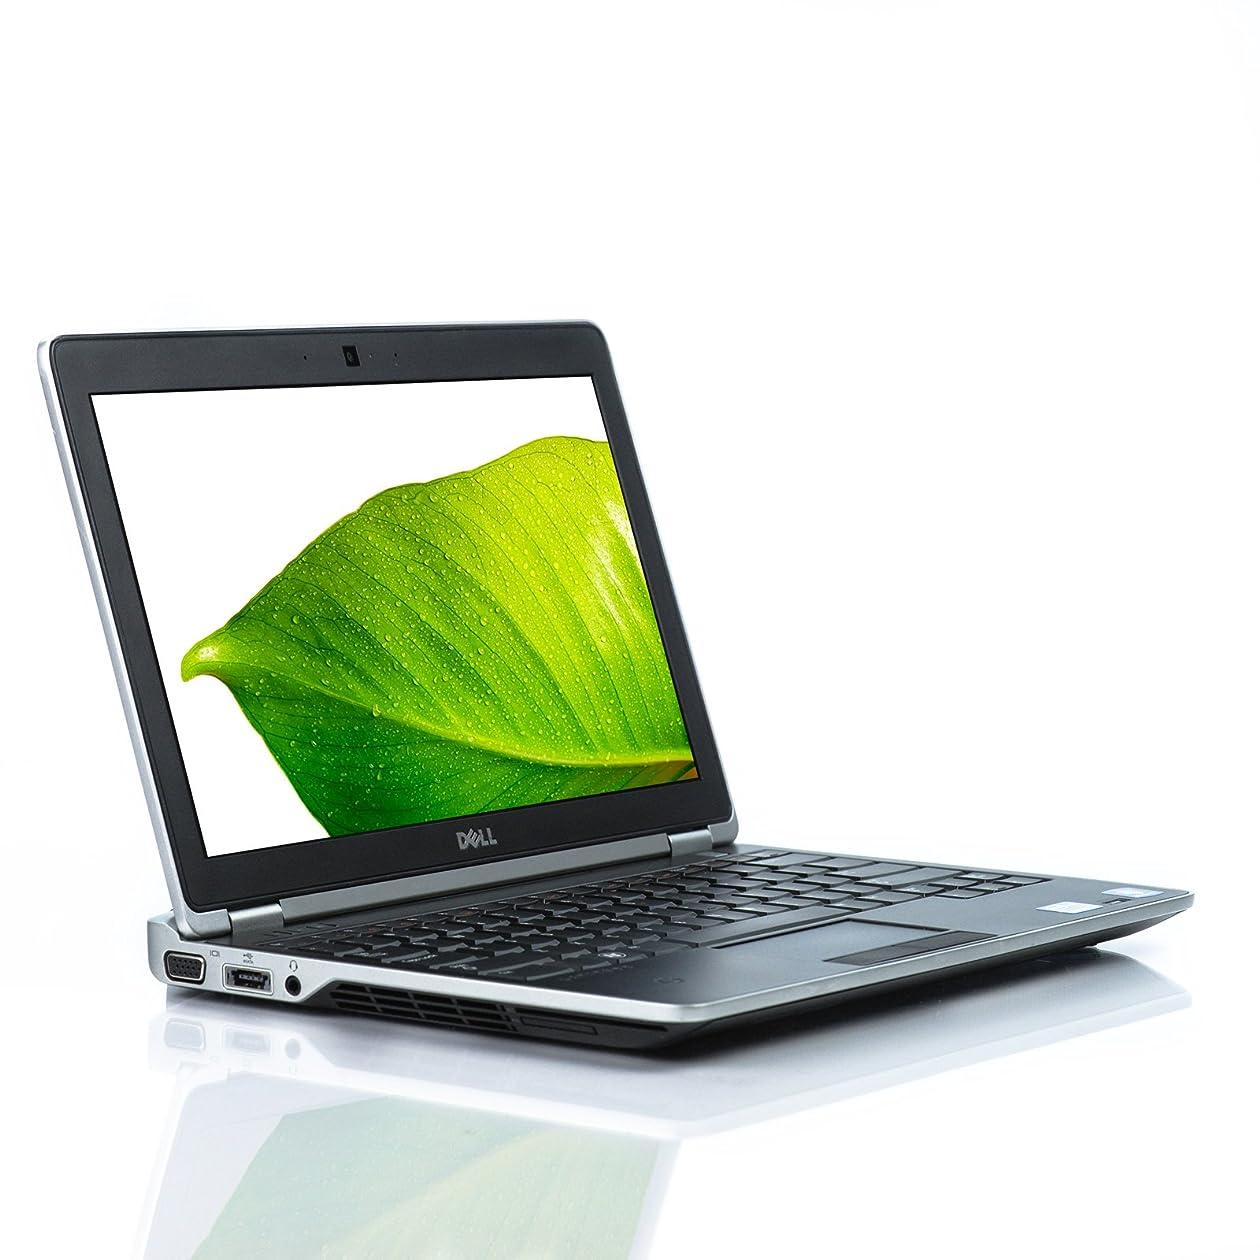 強度ロッカーひらめきDELL Latitude E6220 Core i5 4GB SSD 120GB 12.5型 無線LAN Windows7 Professional 中古 中古パソコン 中古ノートパソコン